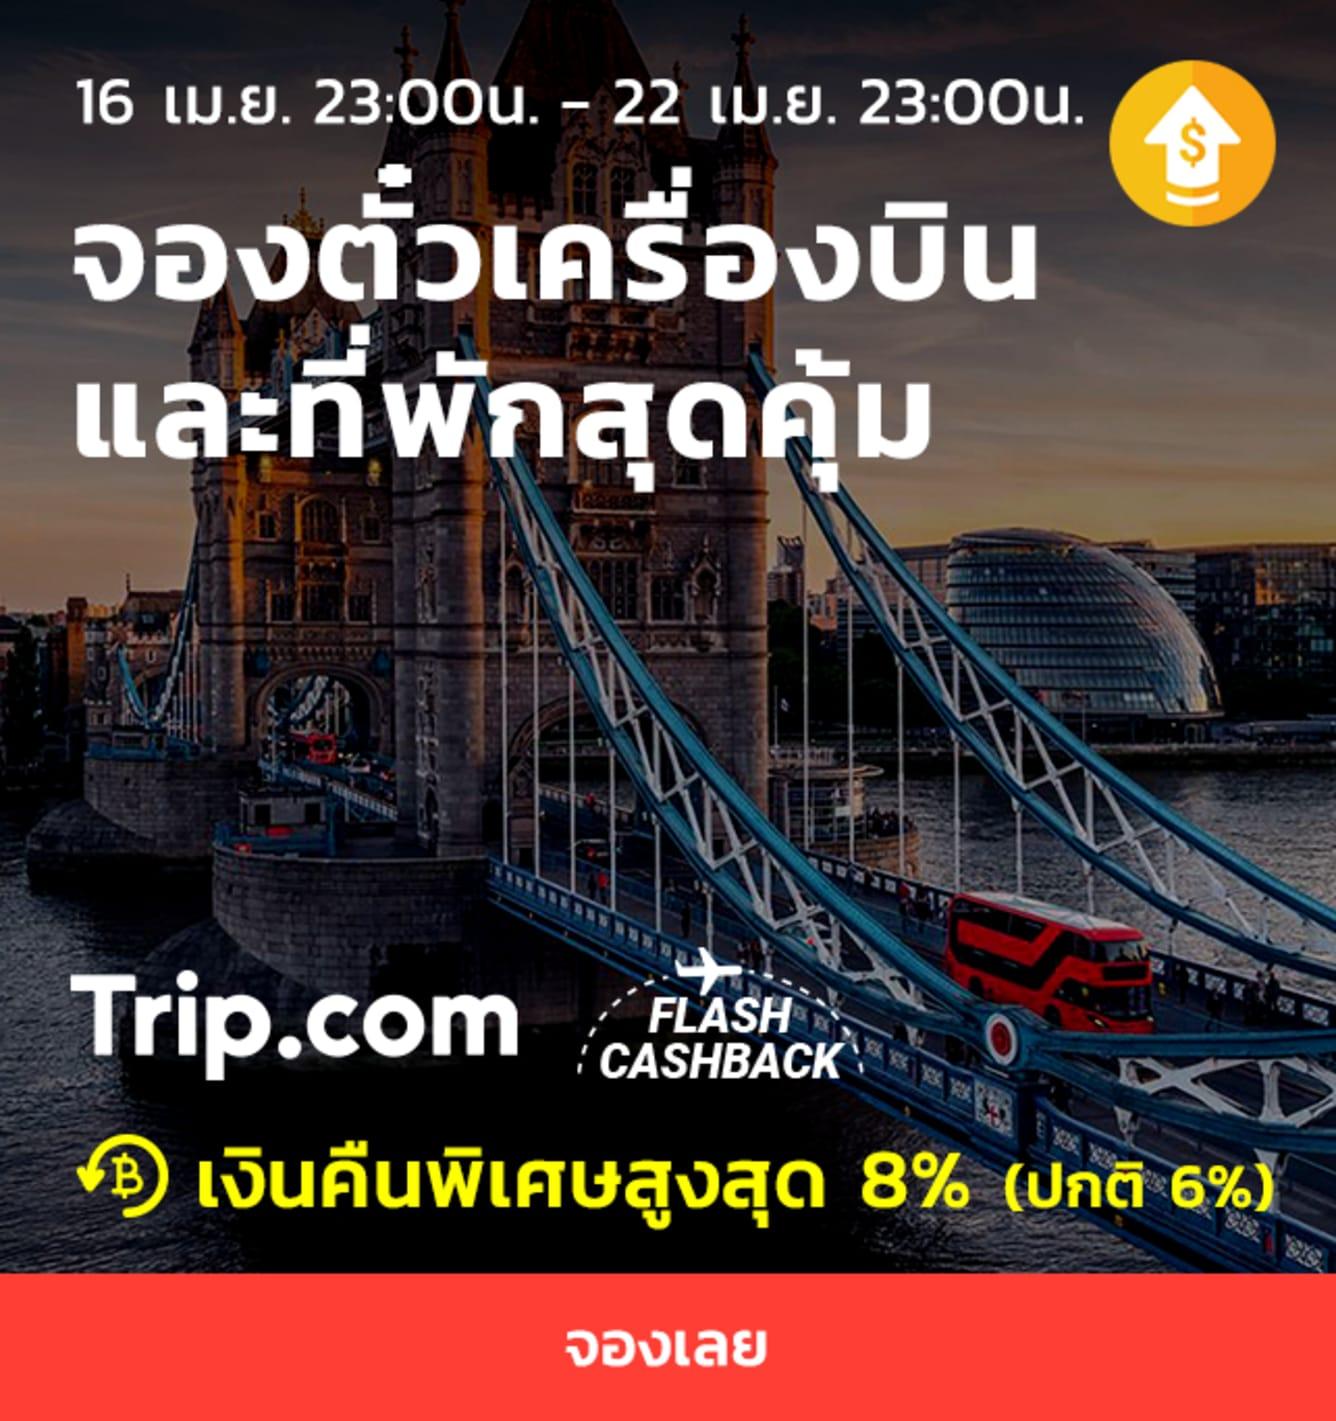 Trip.com APR Upsize